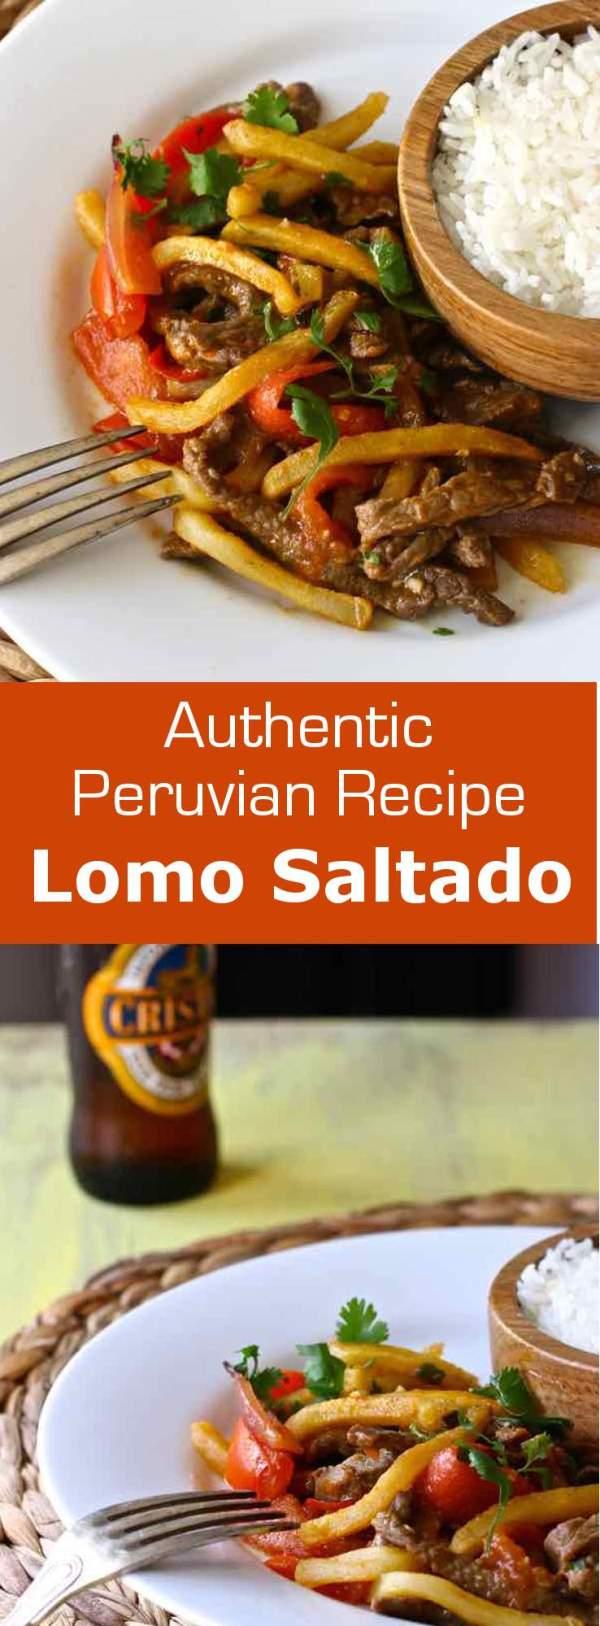 Lomo Saltado Traditional Peruvian Recipe 196 flavors